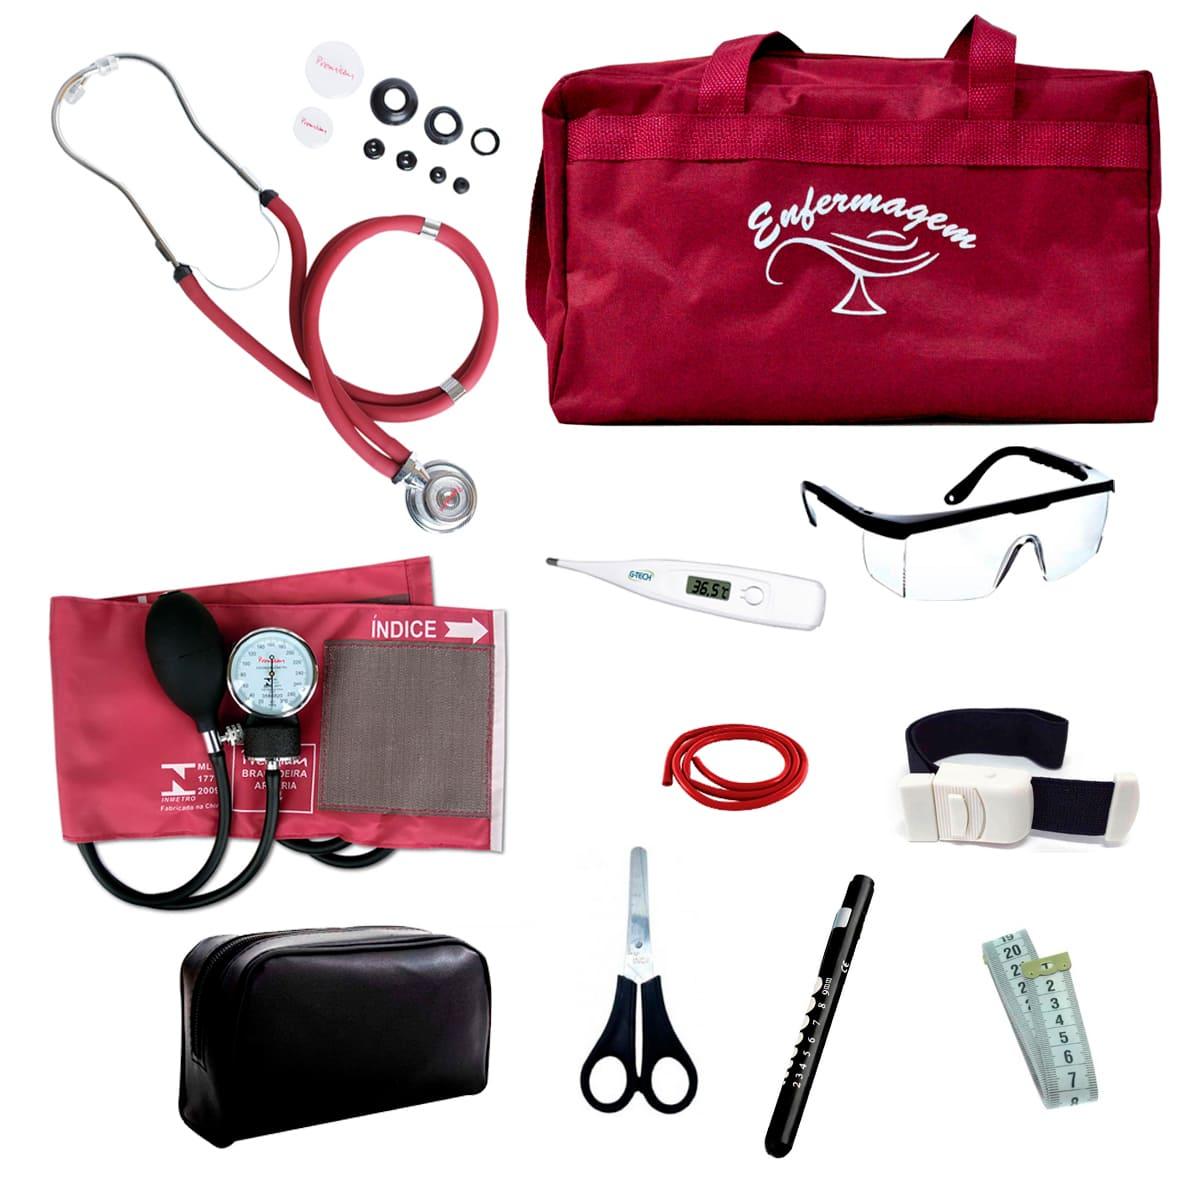 Kit Enfermagem mod.18 Aparelho de Pressão Premium Cor:Vinho Bolsa:Tipo 2